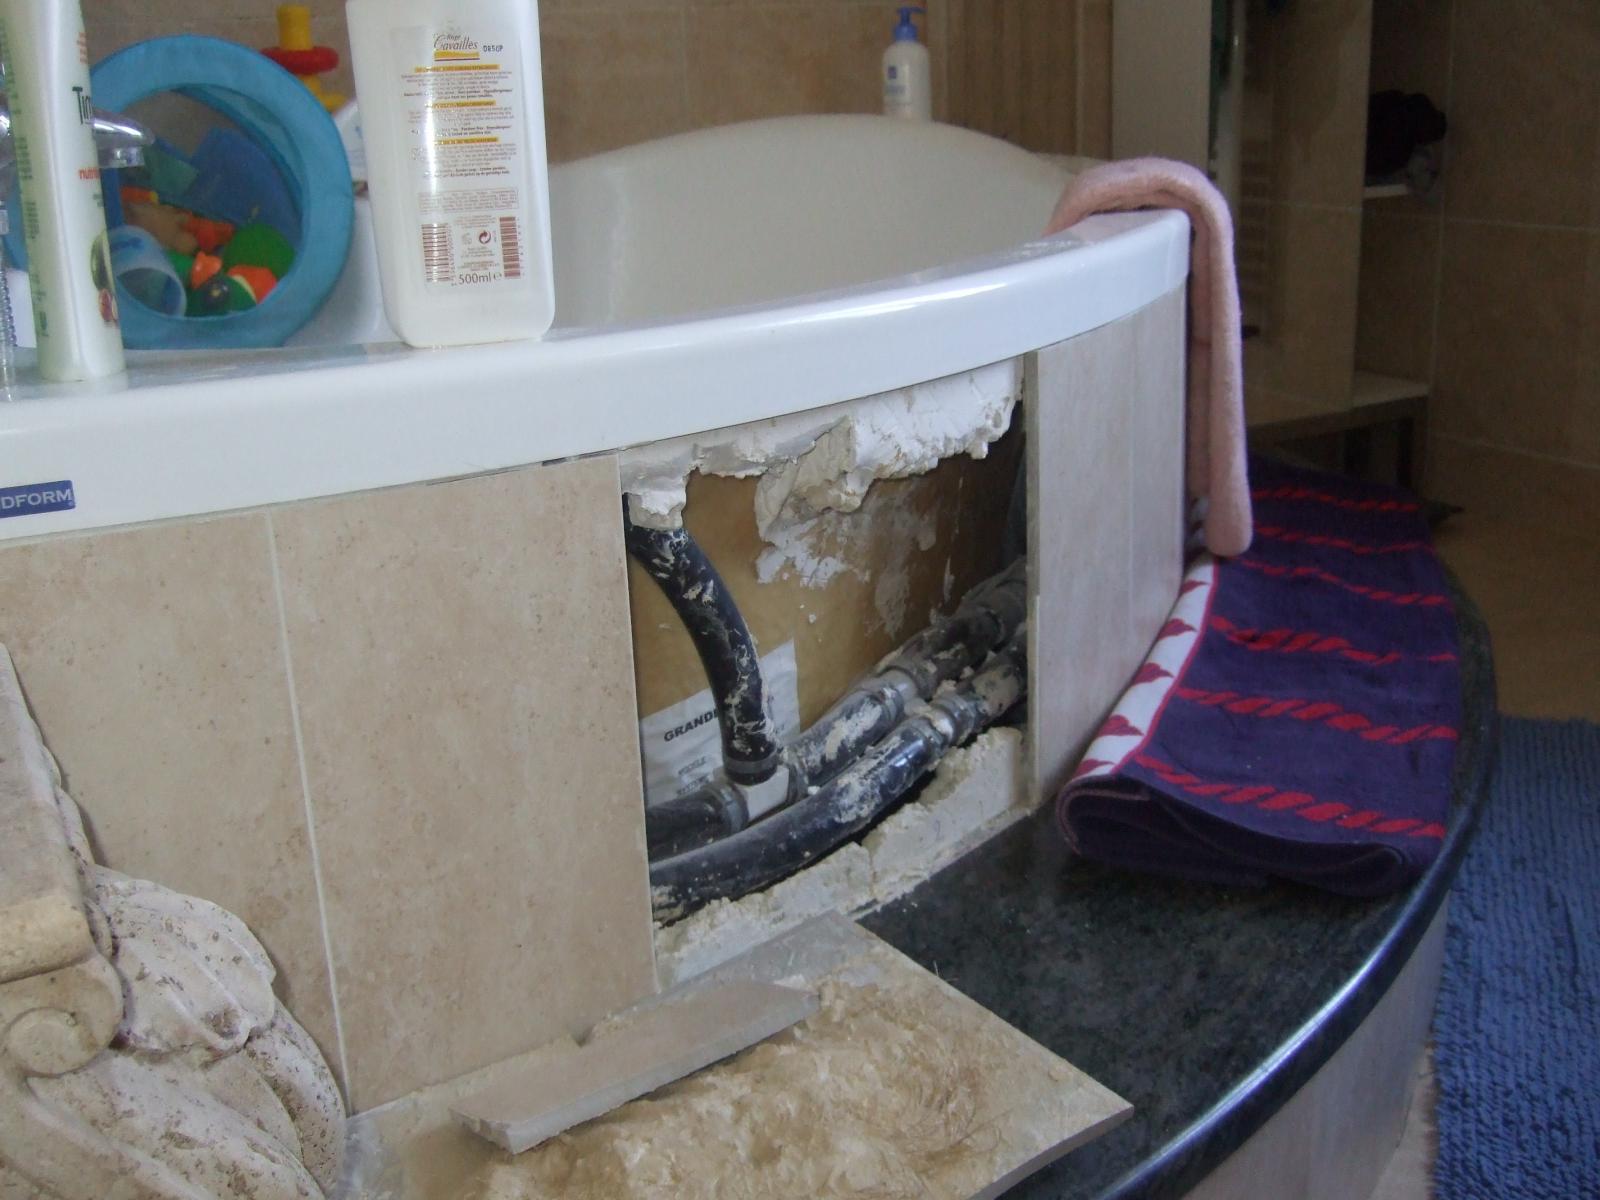 Carelage de baignoire d 39 angle baln o - Forum baignoire balneo ...